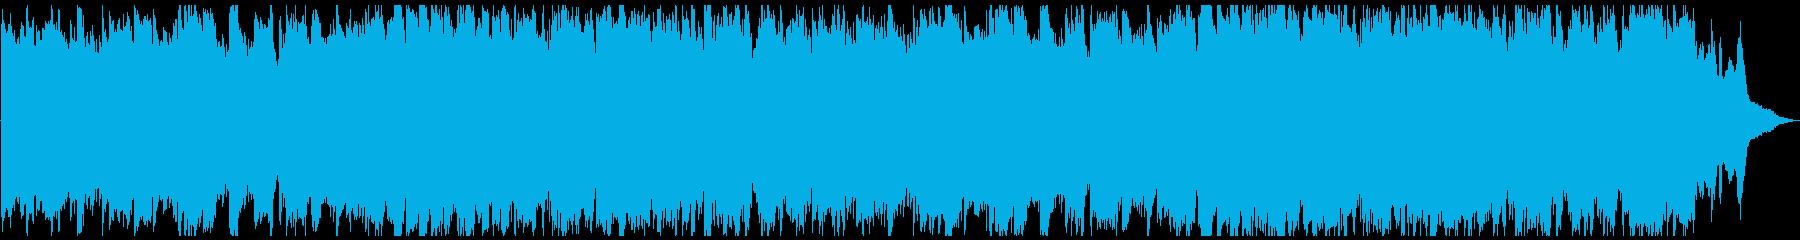 代替案 ポップ 現代的 交響曲 室...の再生済みの波形